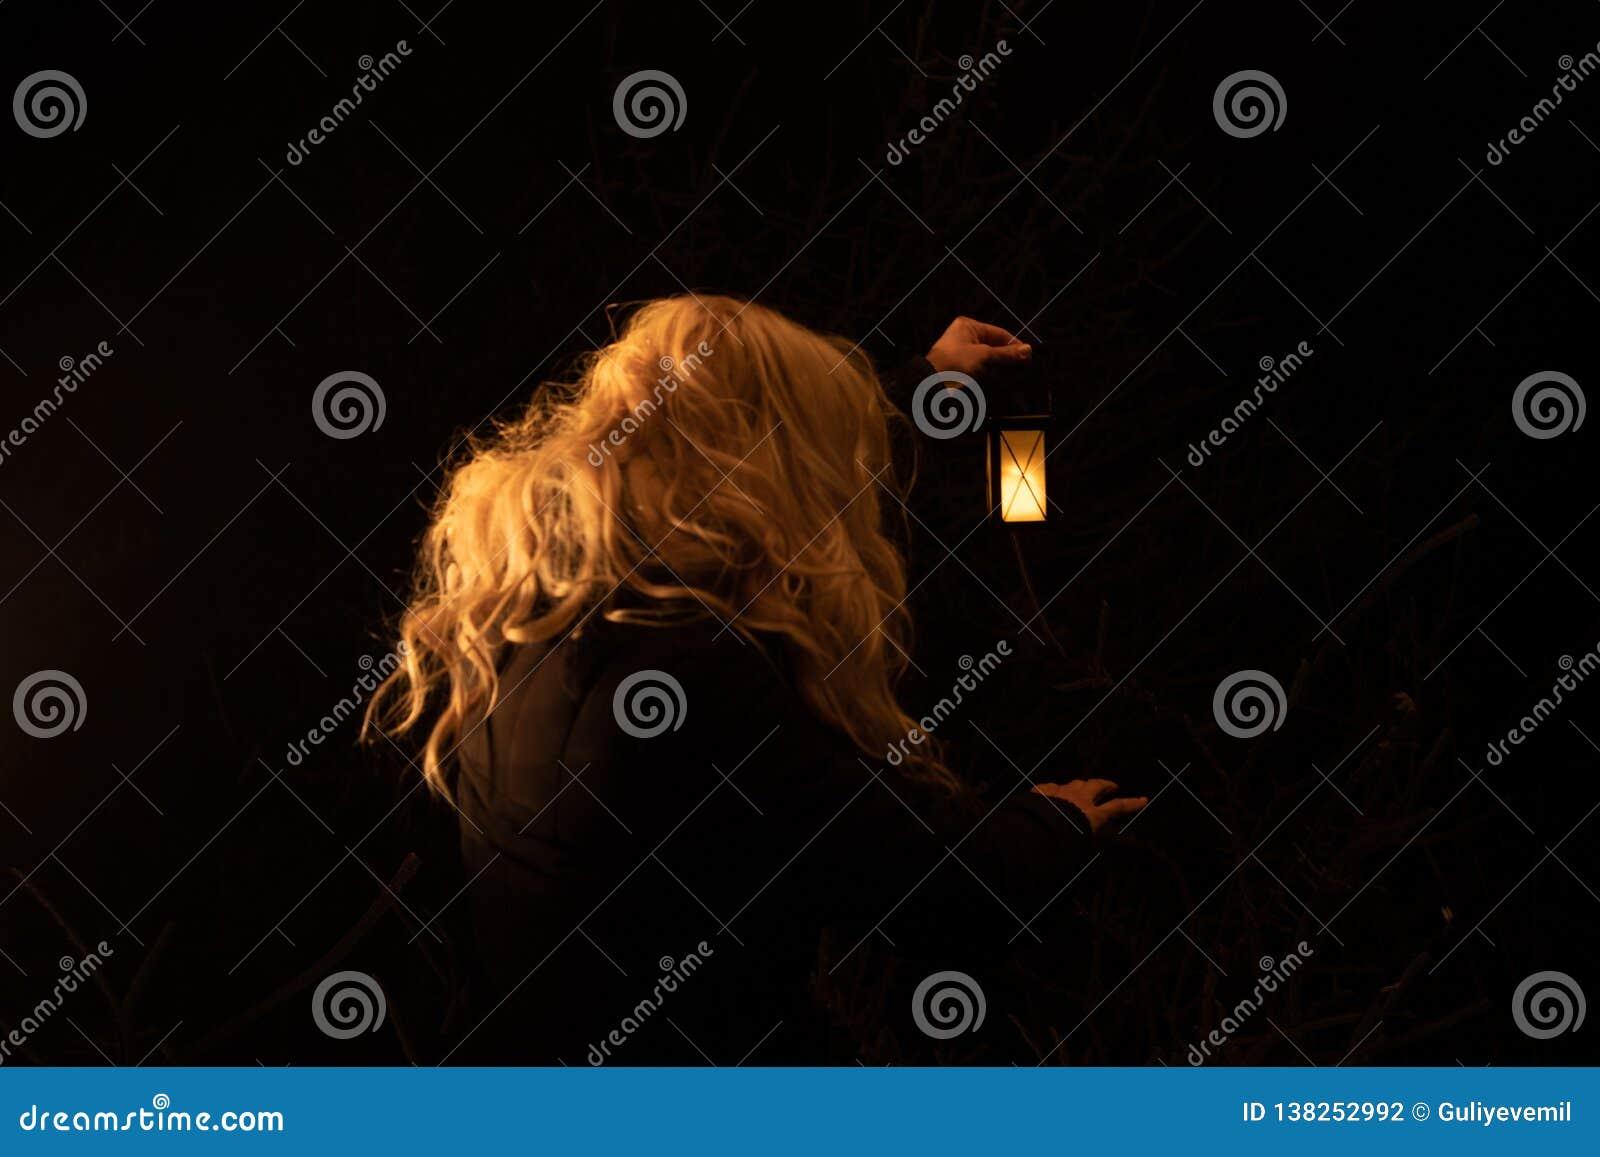 Silhouette d une lanterne de participation de femme pendant la nuit Scène effrayante